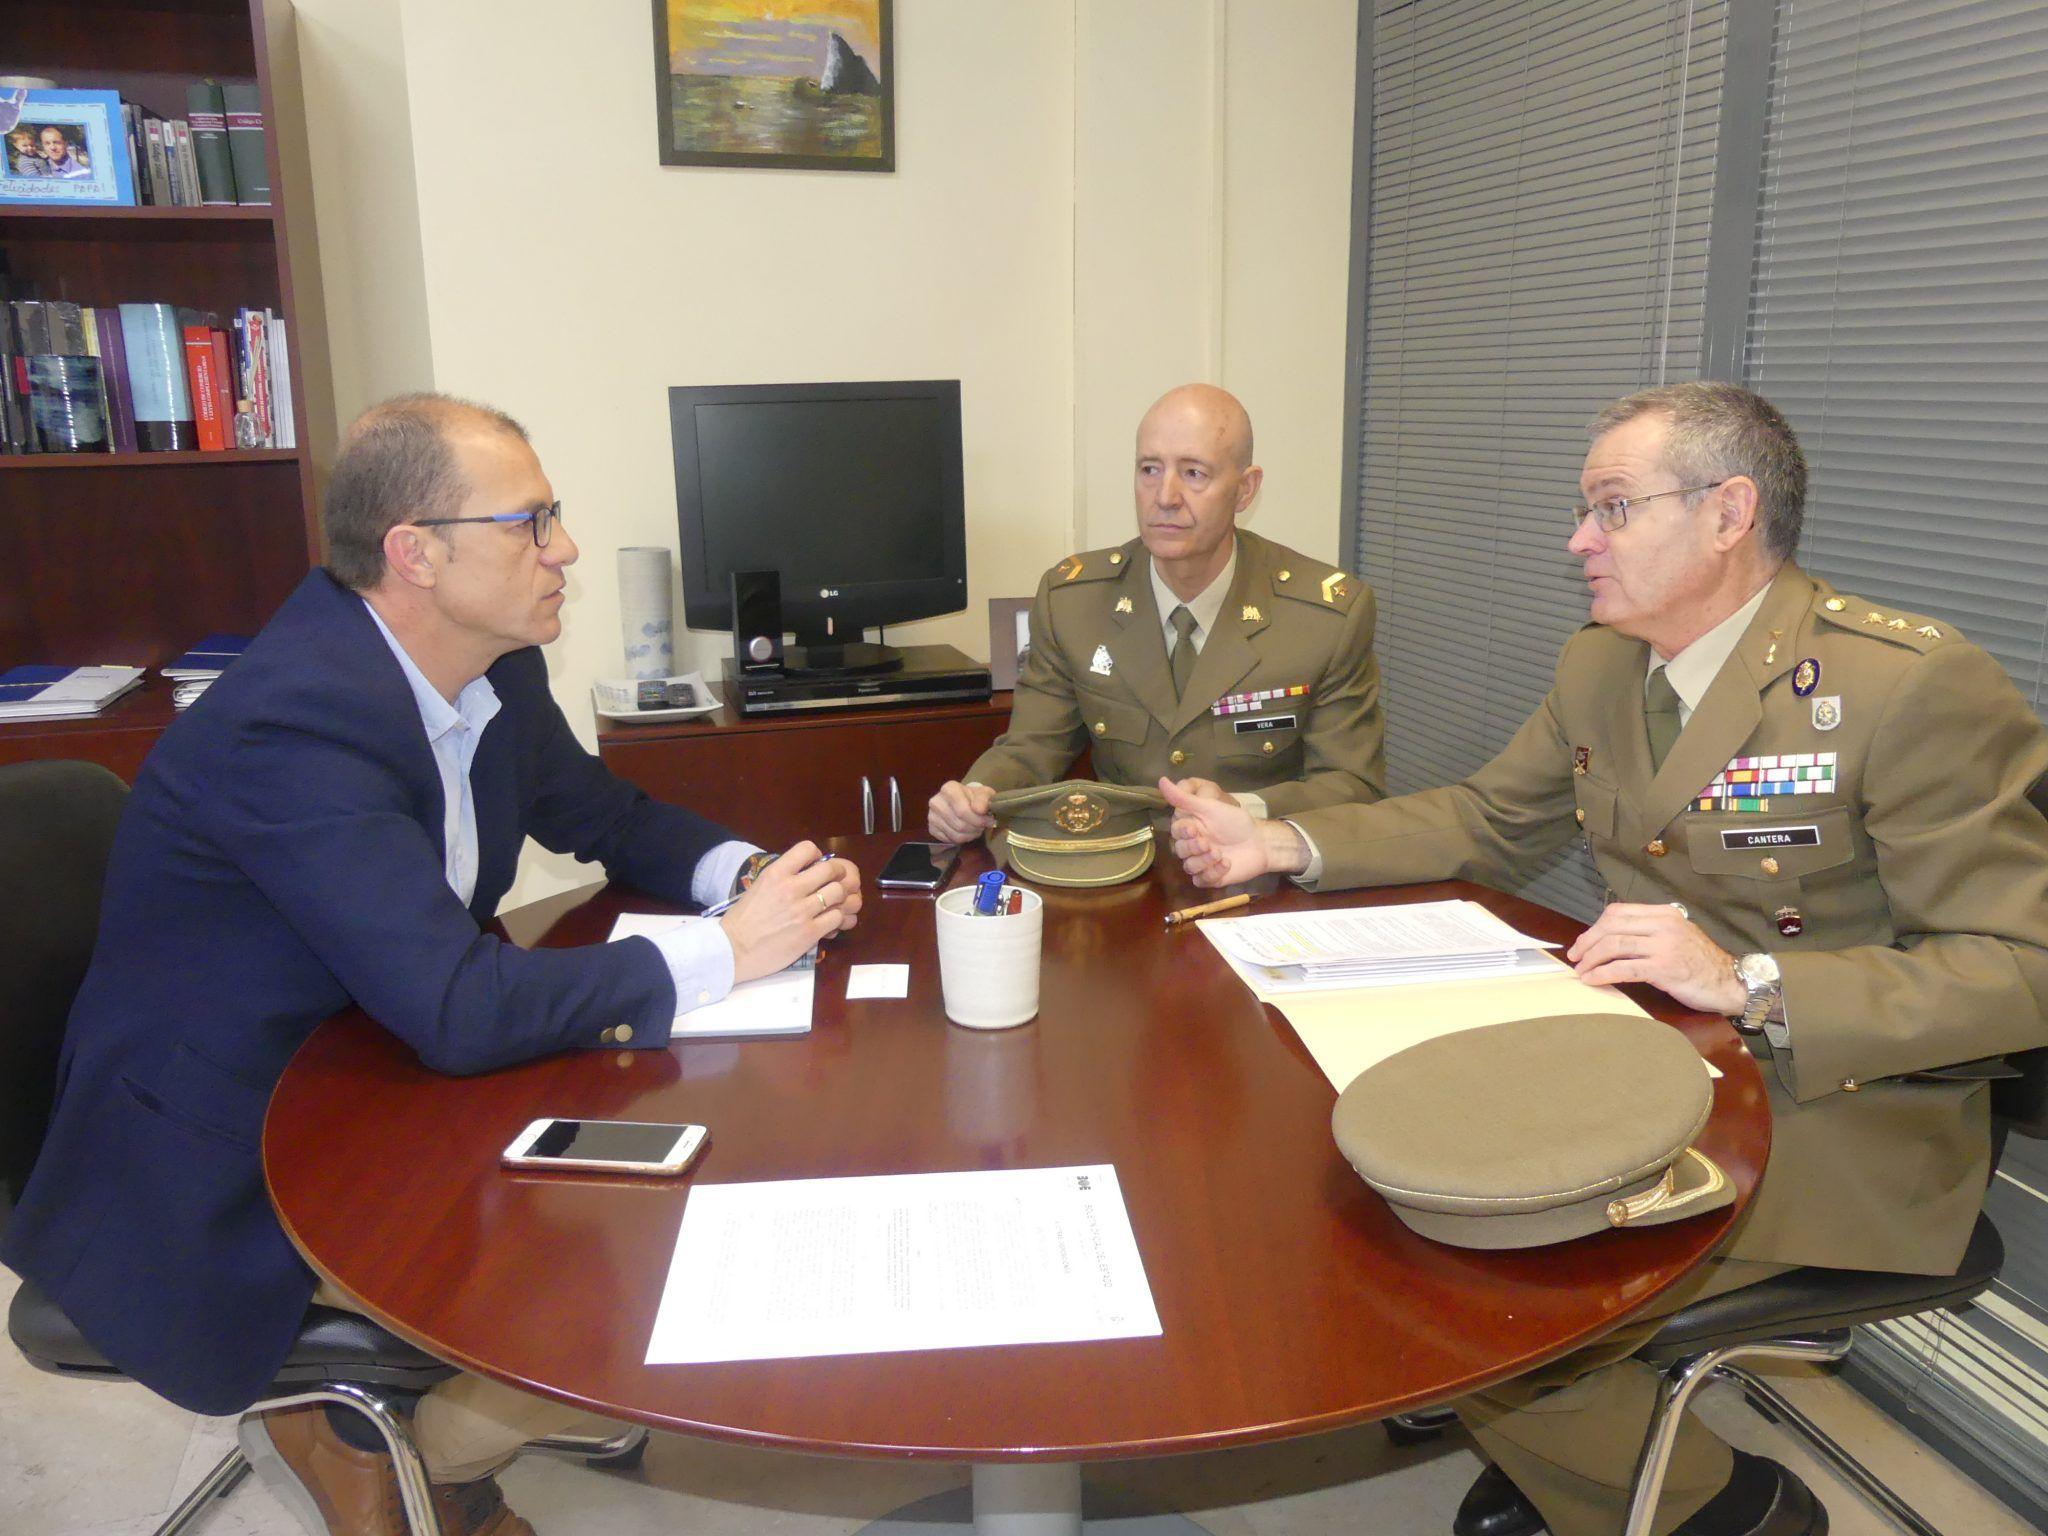 La patronal conquense colaborará con la Subdelegación de Defensa para facilitar la transición laboral de los militares